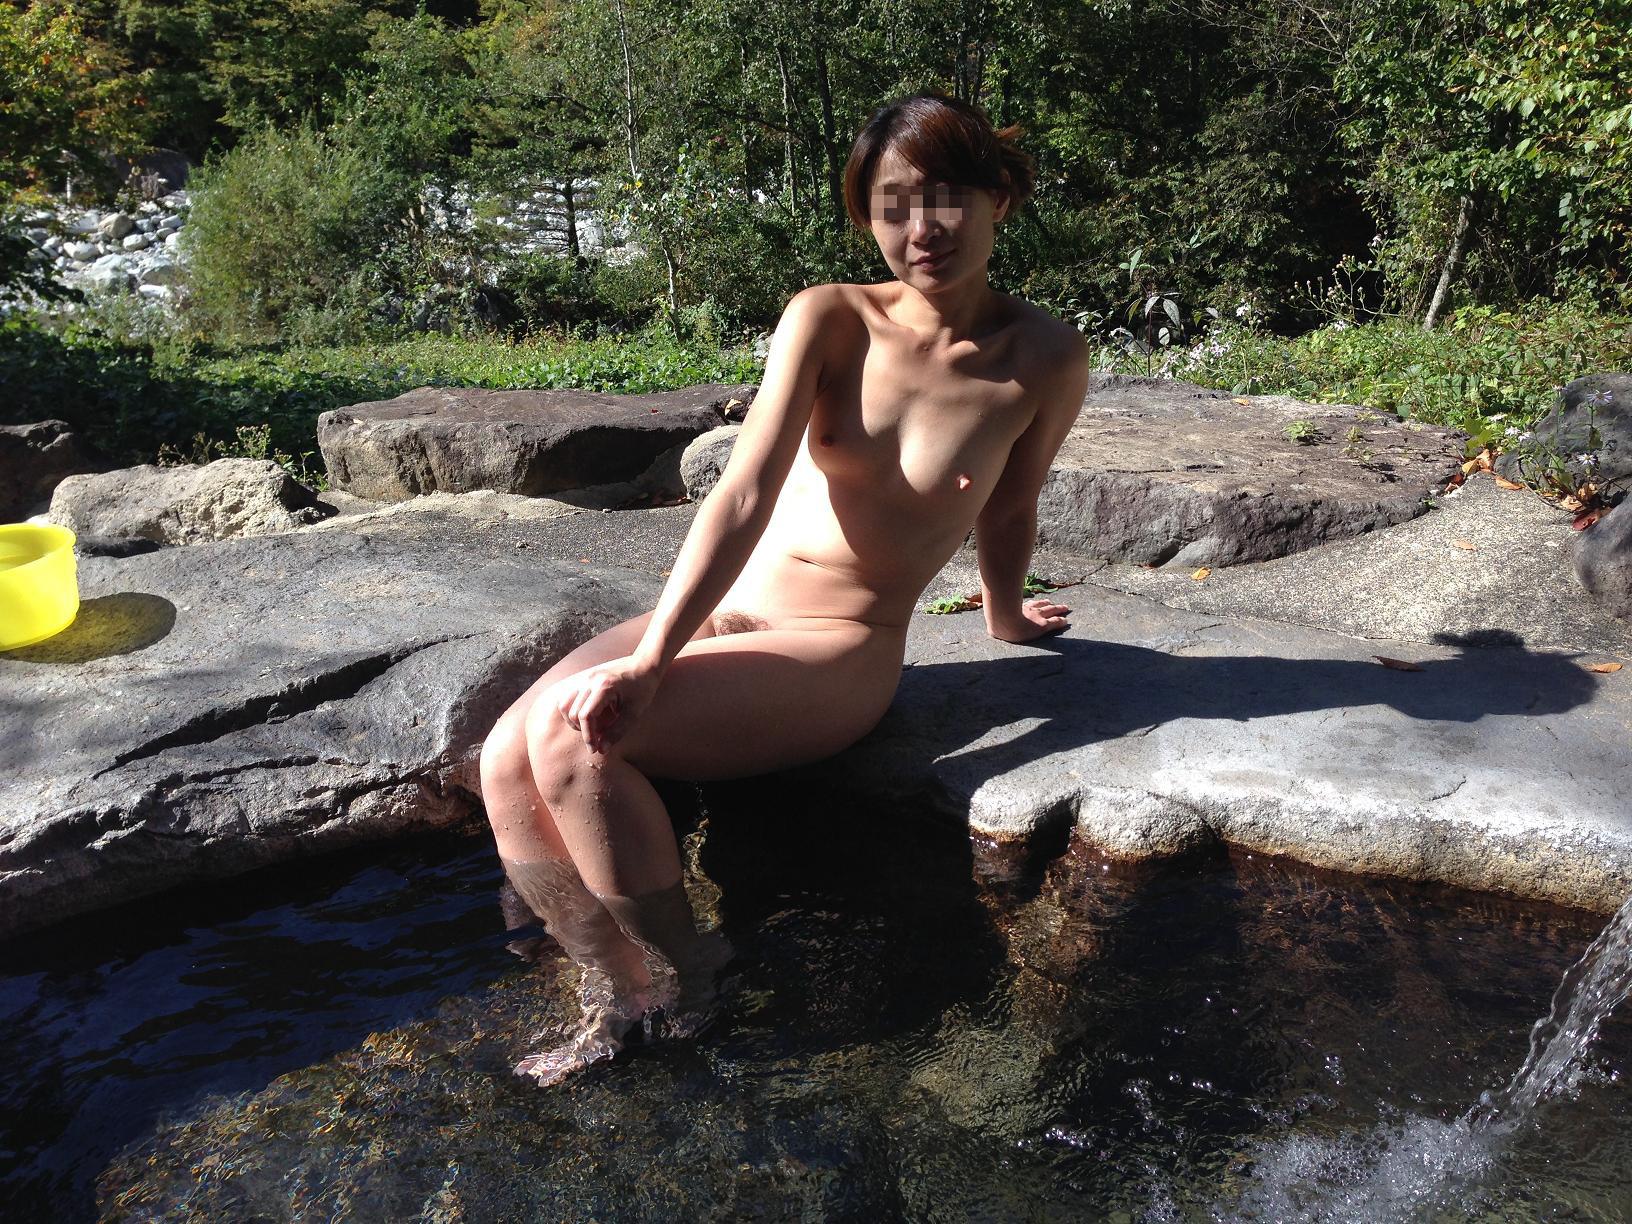 【露天風呂エロ画像】堂々と全裸を晒す場所、露天風呂。赤の他人の前でも大胆にやらかしさながら露出プレイ(゜ロ゜ノ)ノ